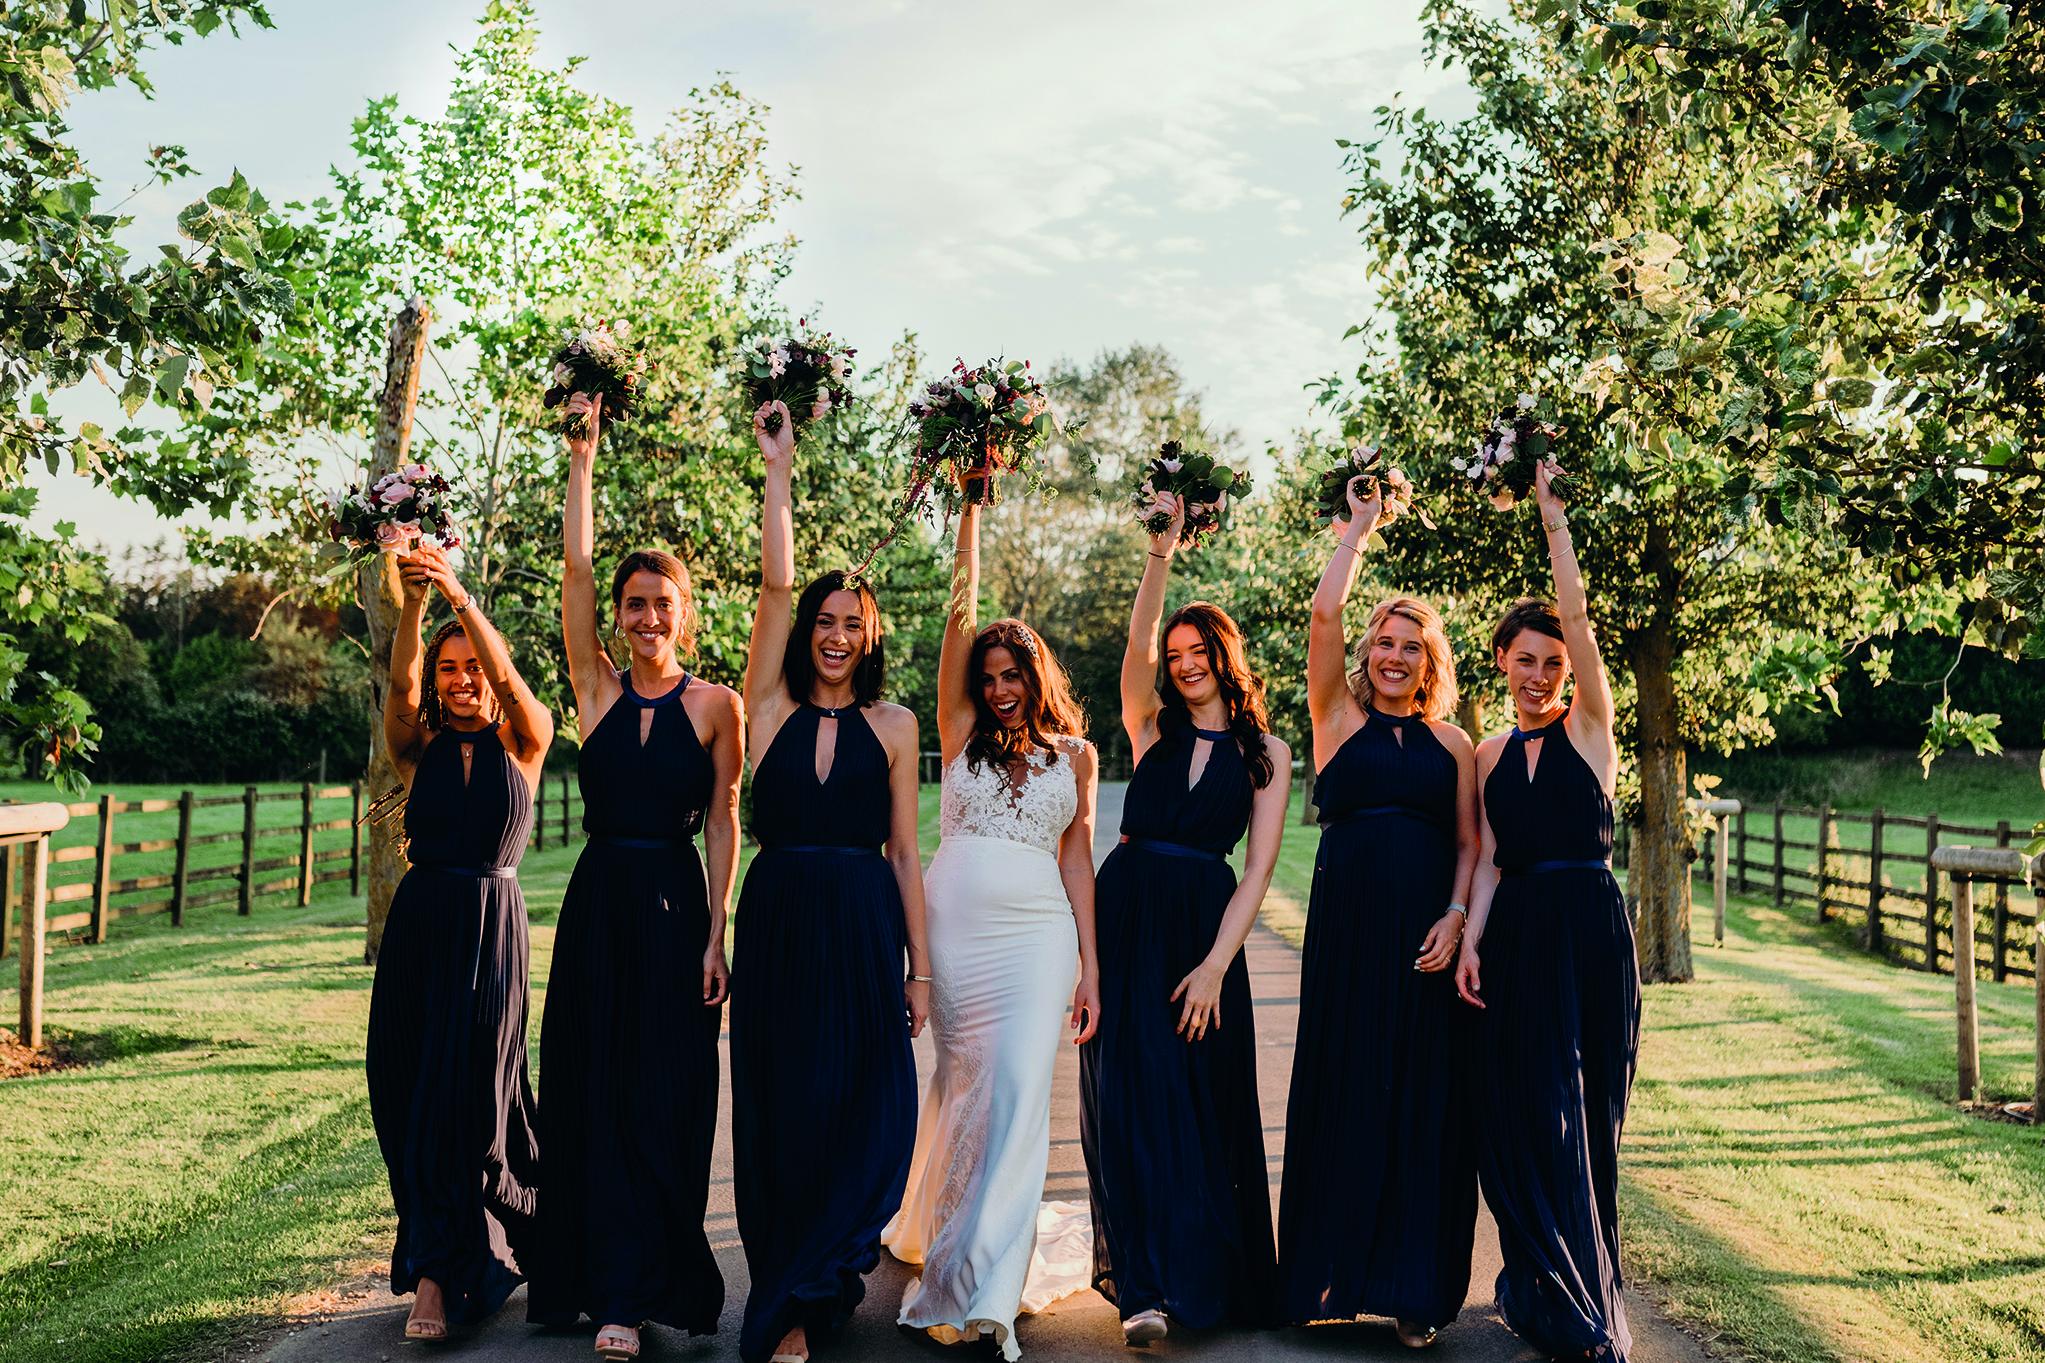 Tythe Barn wedding by Dominika Miechowska